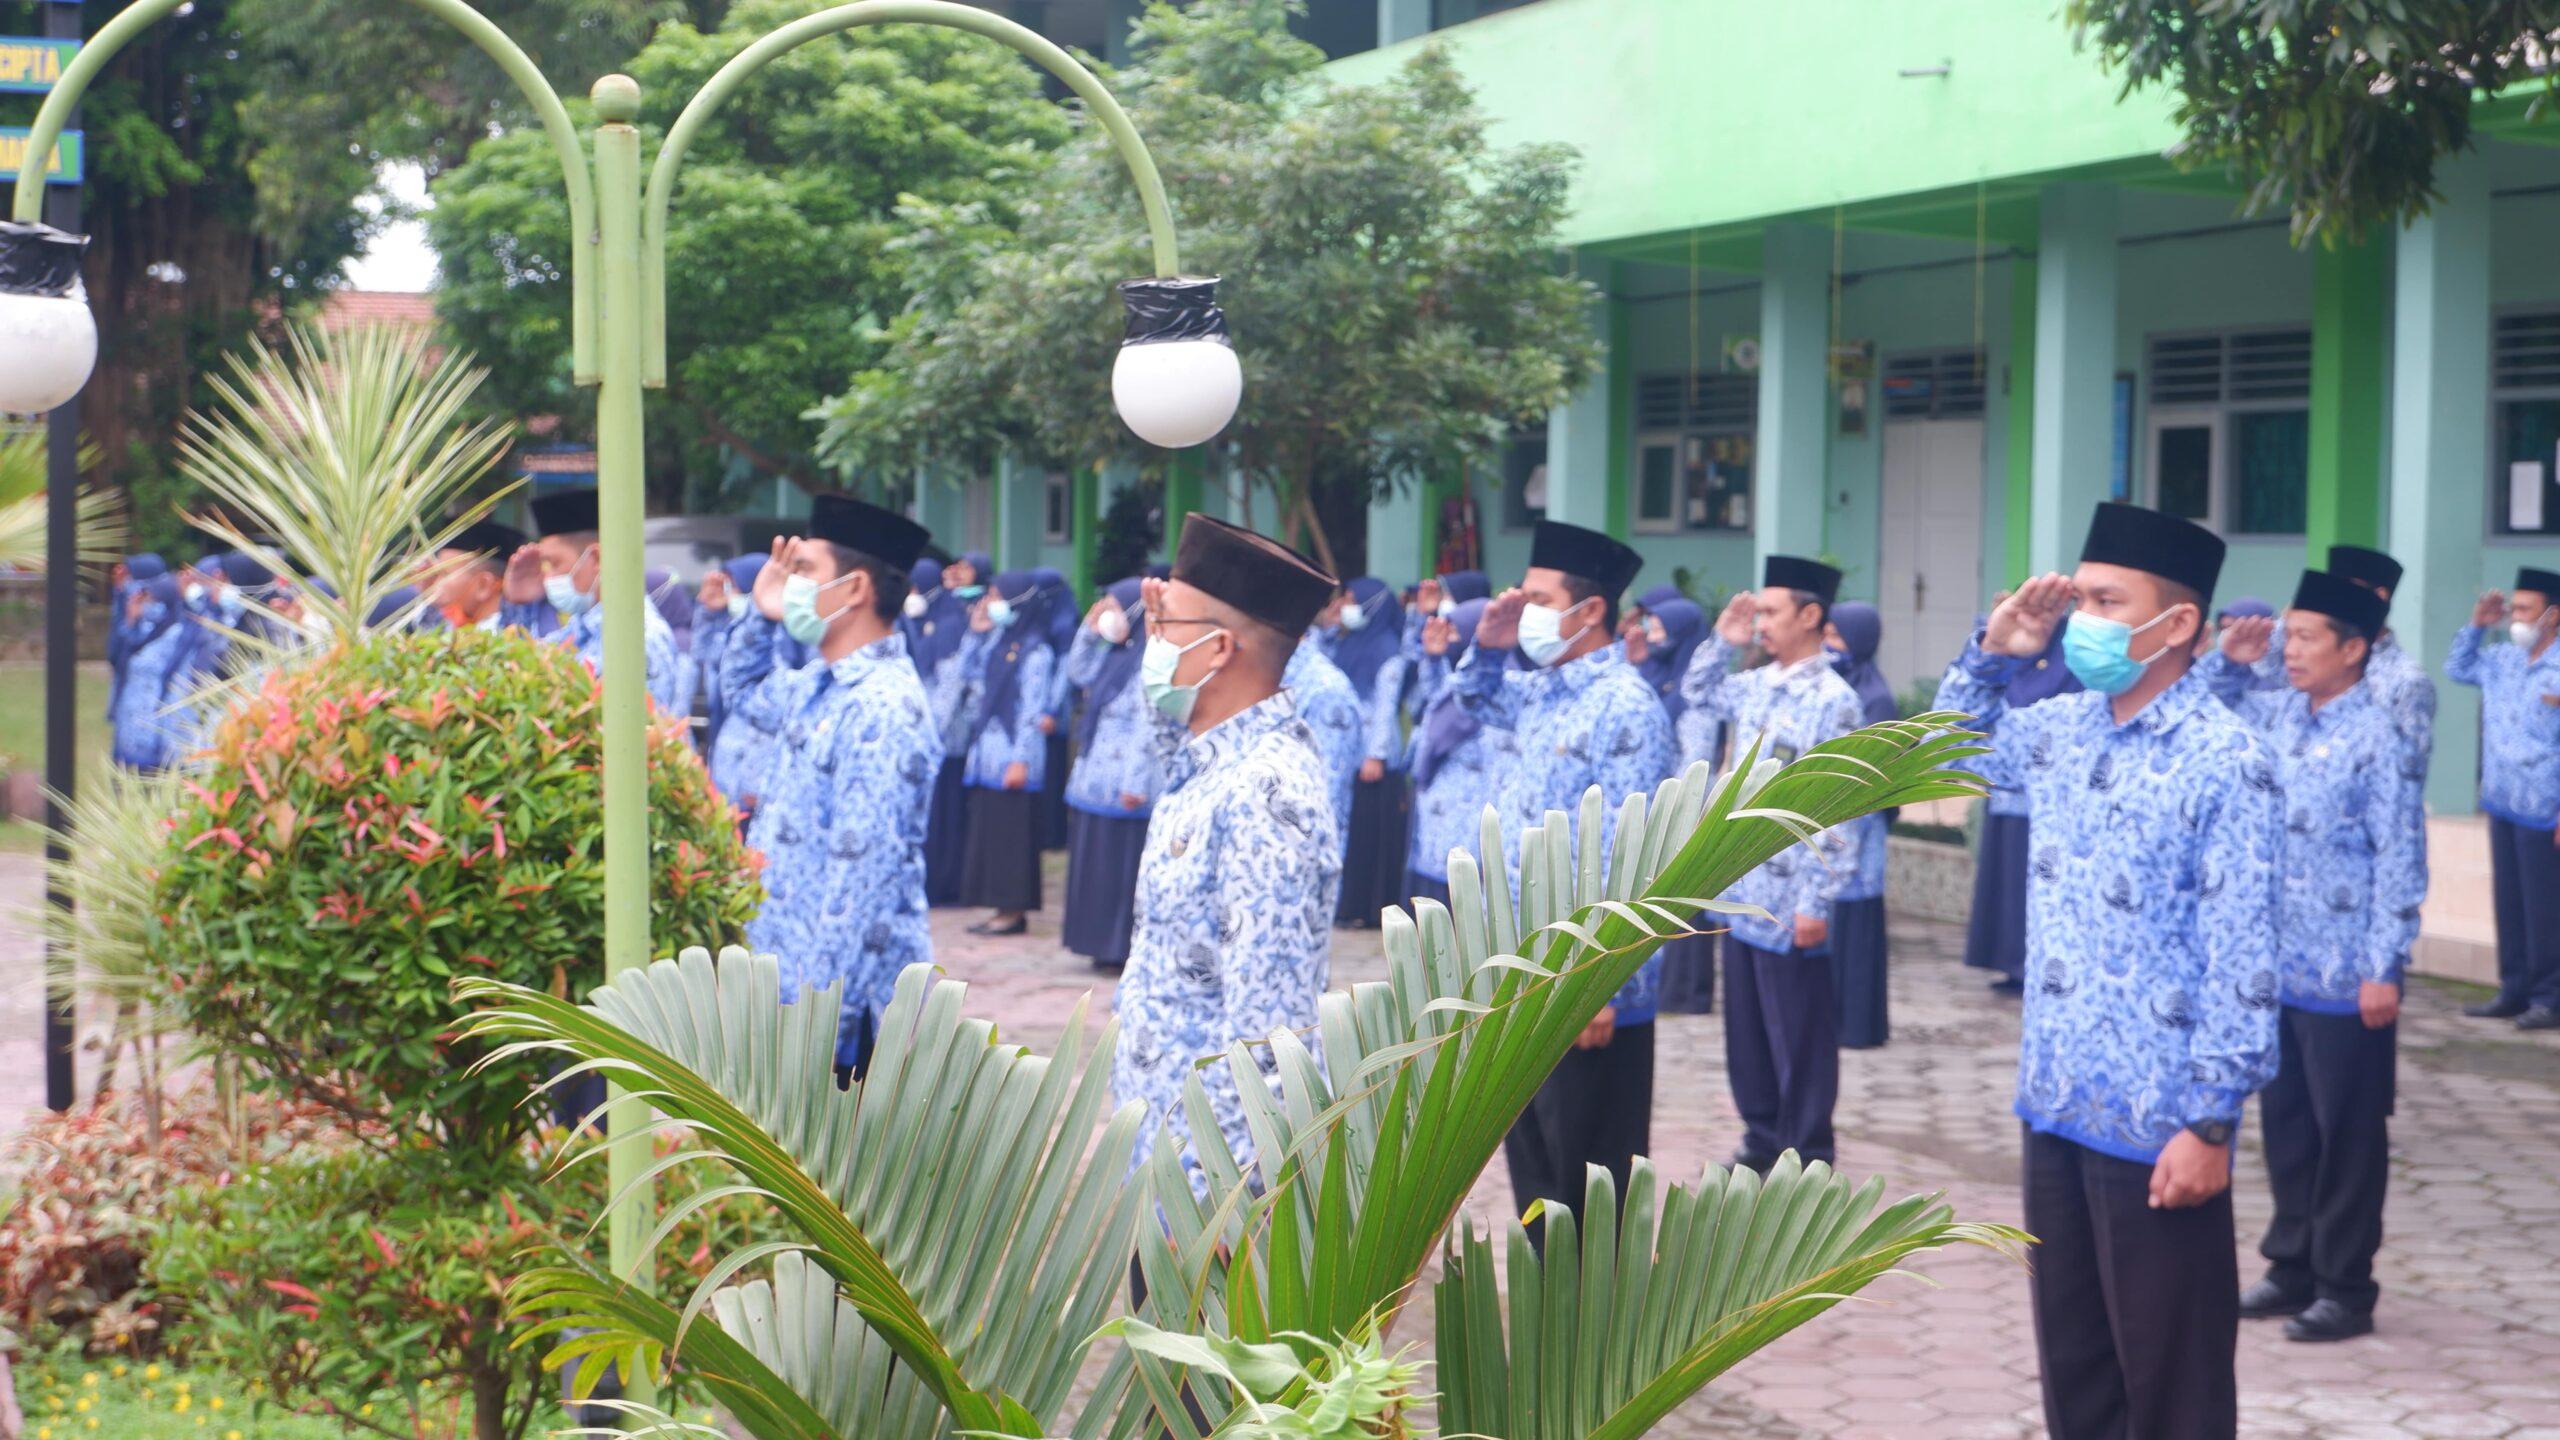 Apel Pagi oleh Tenaga Pendidik dan Tenaga Kependidikan baik PNS maupun non-PNS MTsN 2 Kota Kediri